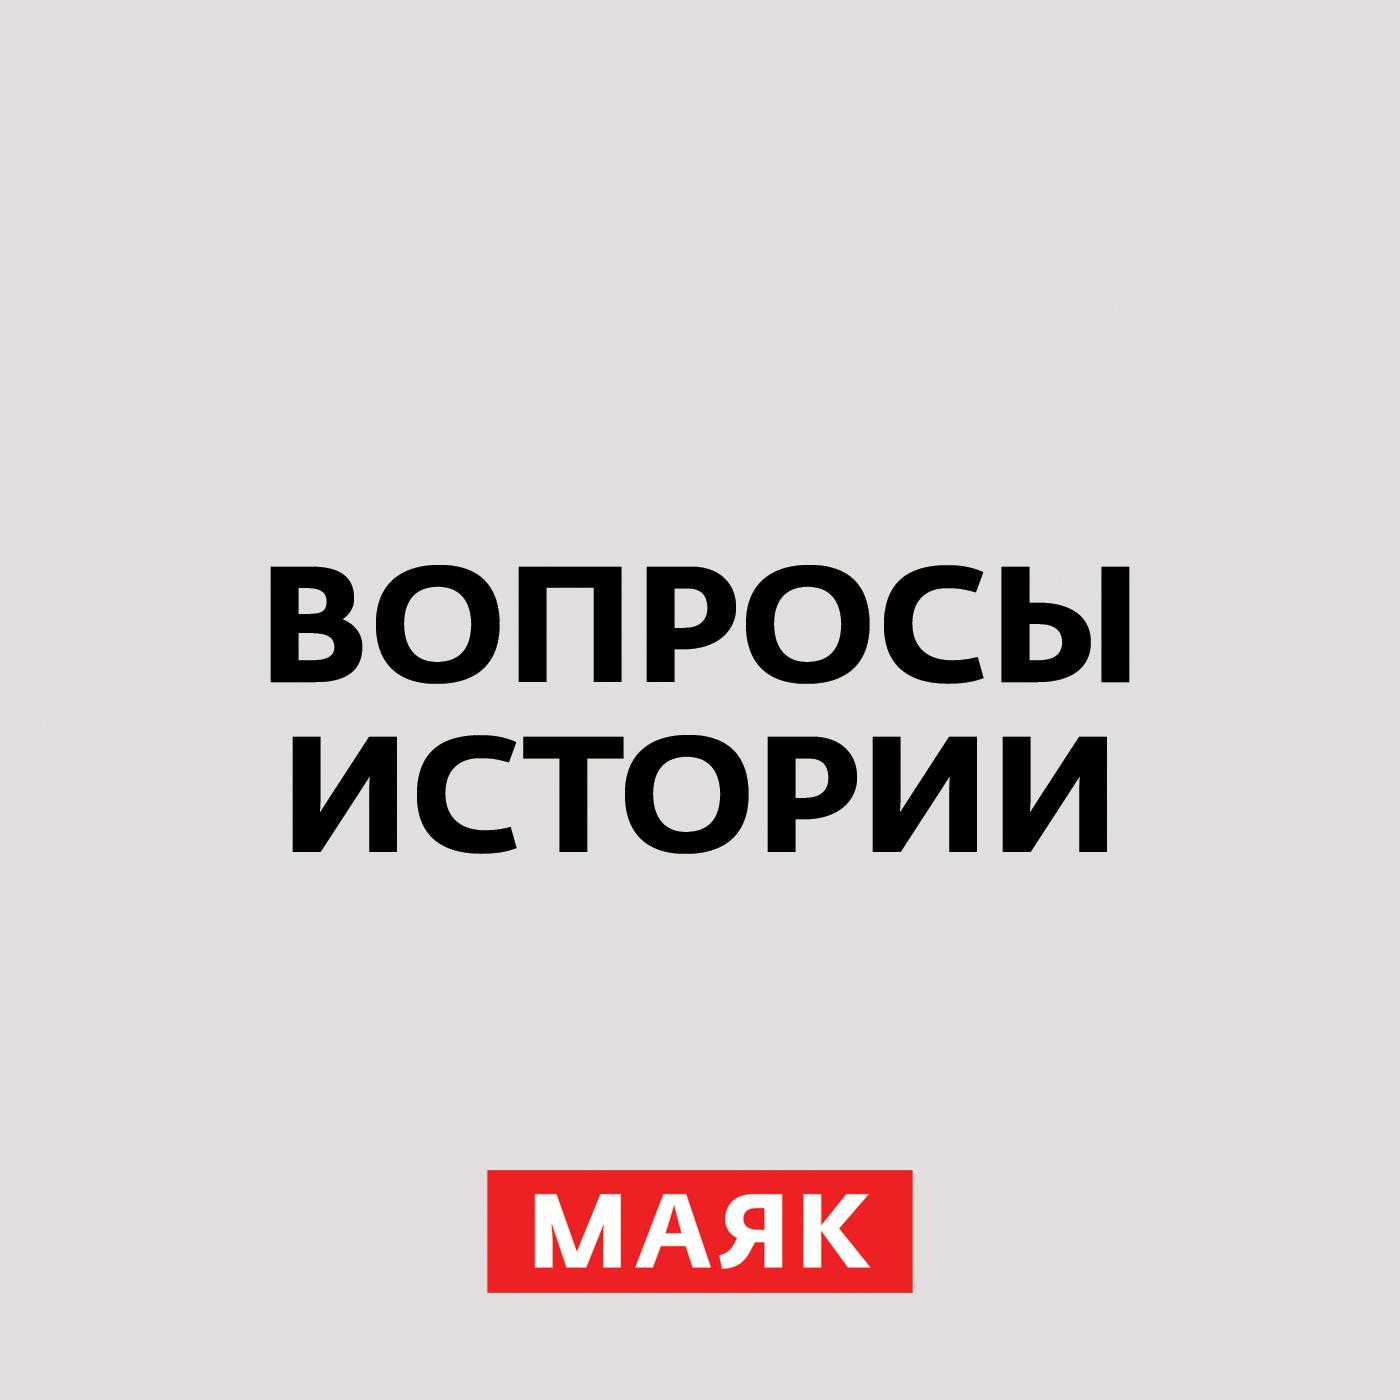 Андрей Светенко Ленин – это миф андрей светенко покушение на ленина неизвестные факты